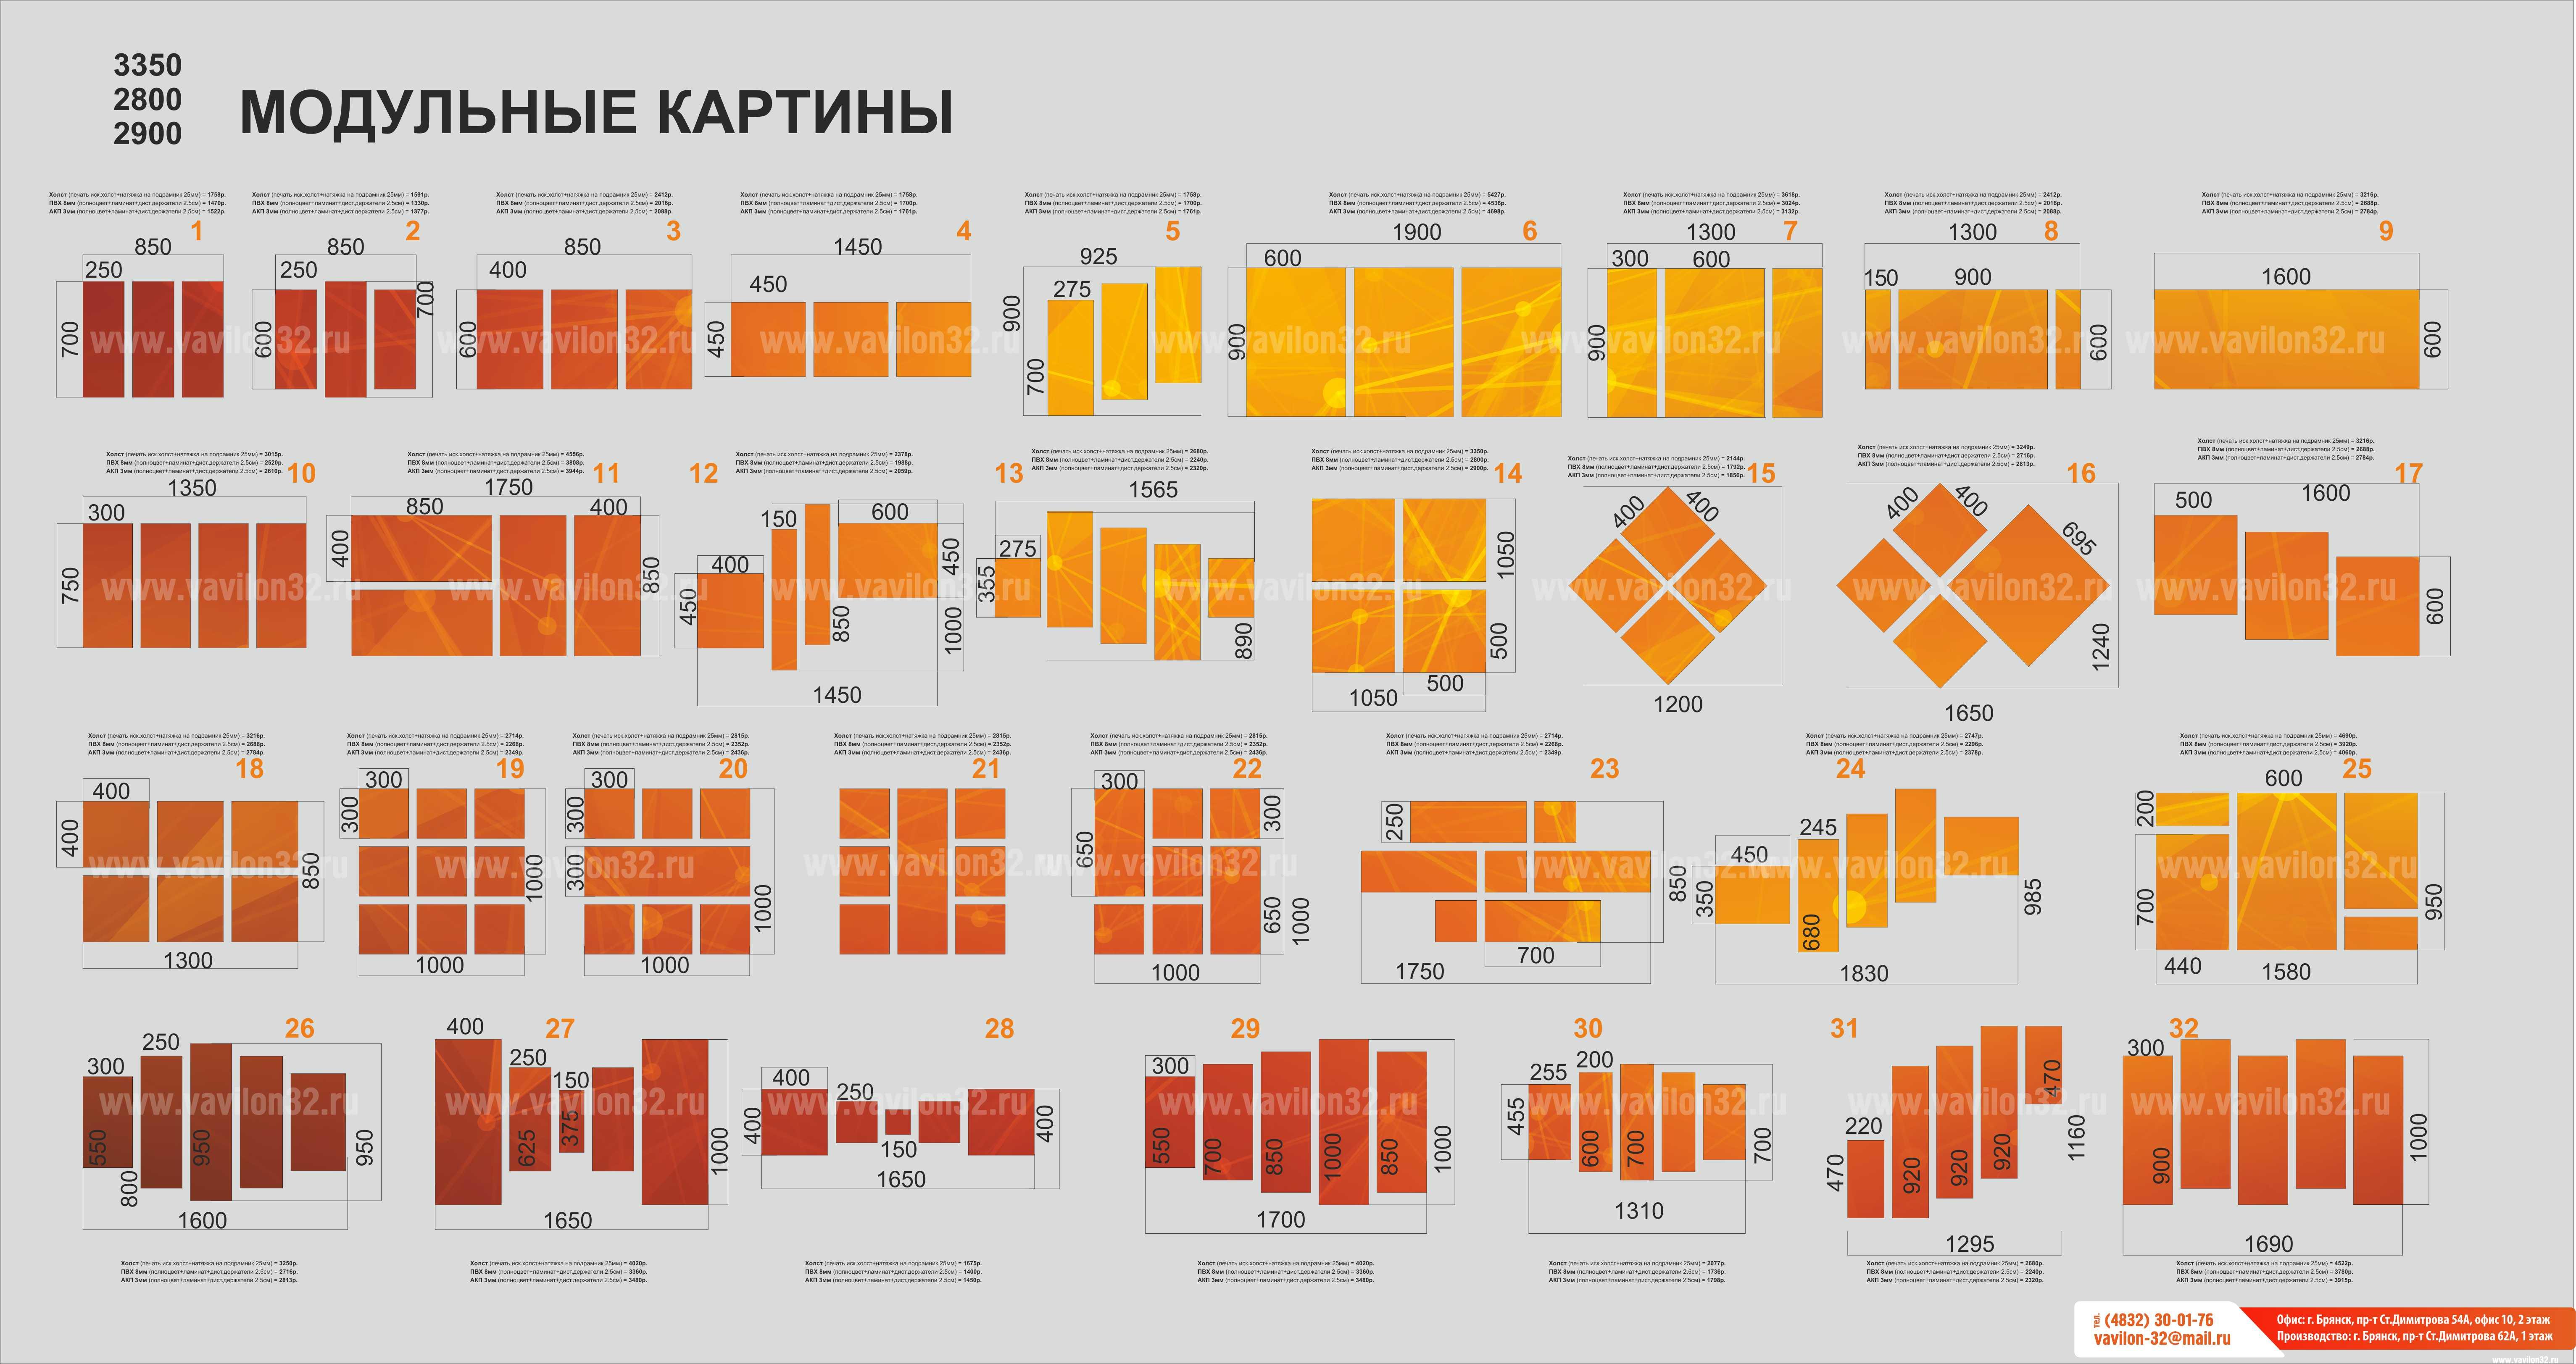 Модульные картины, цена, Брянск